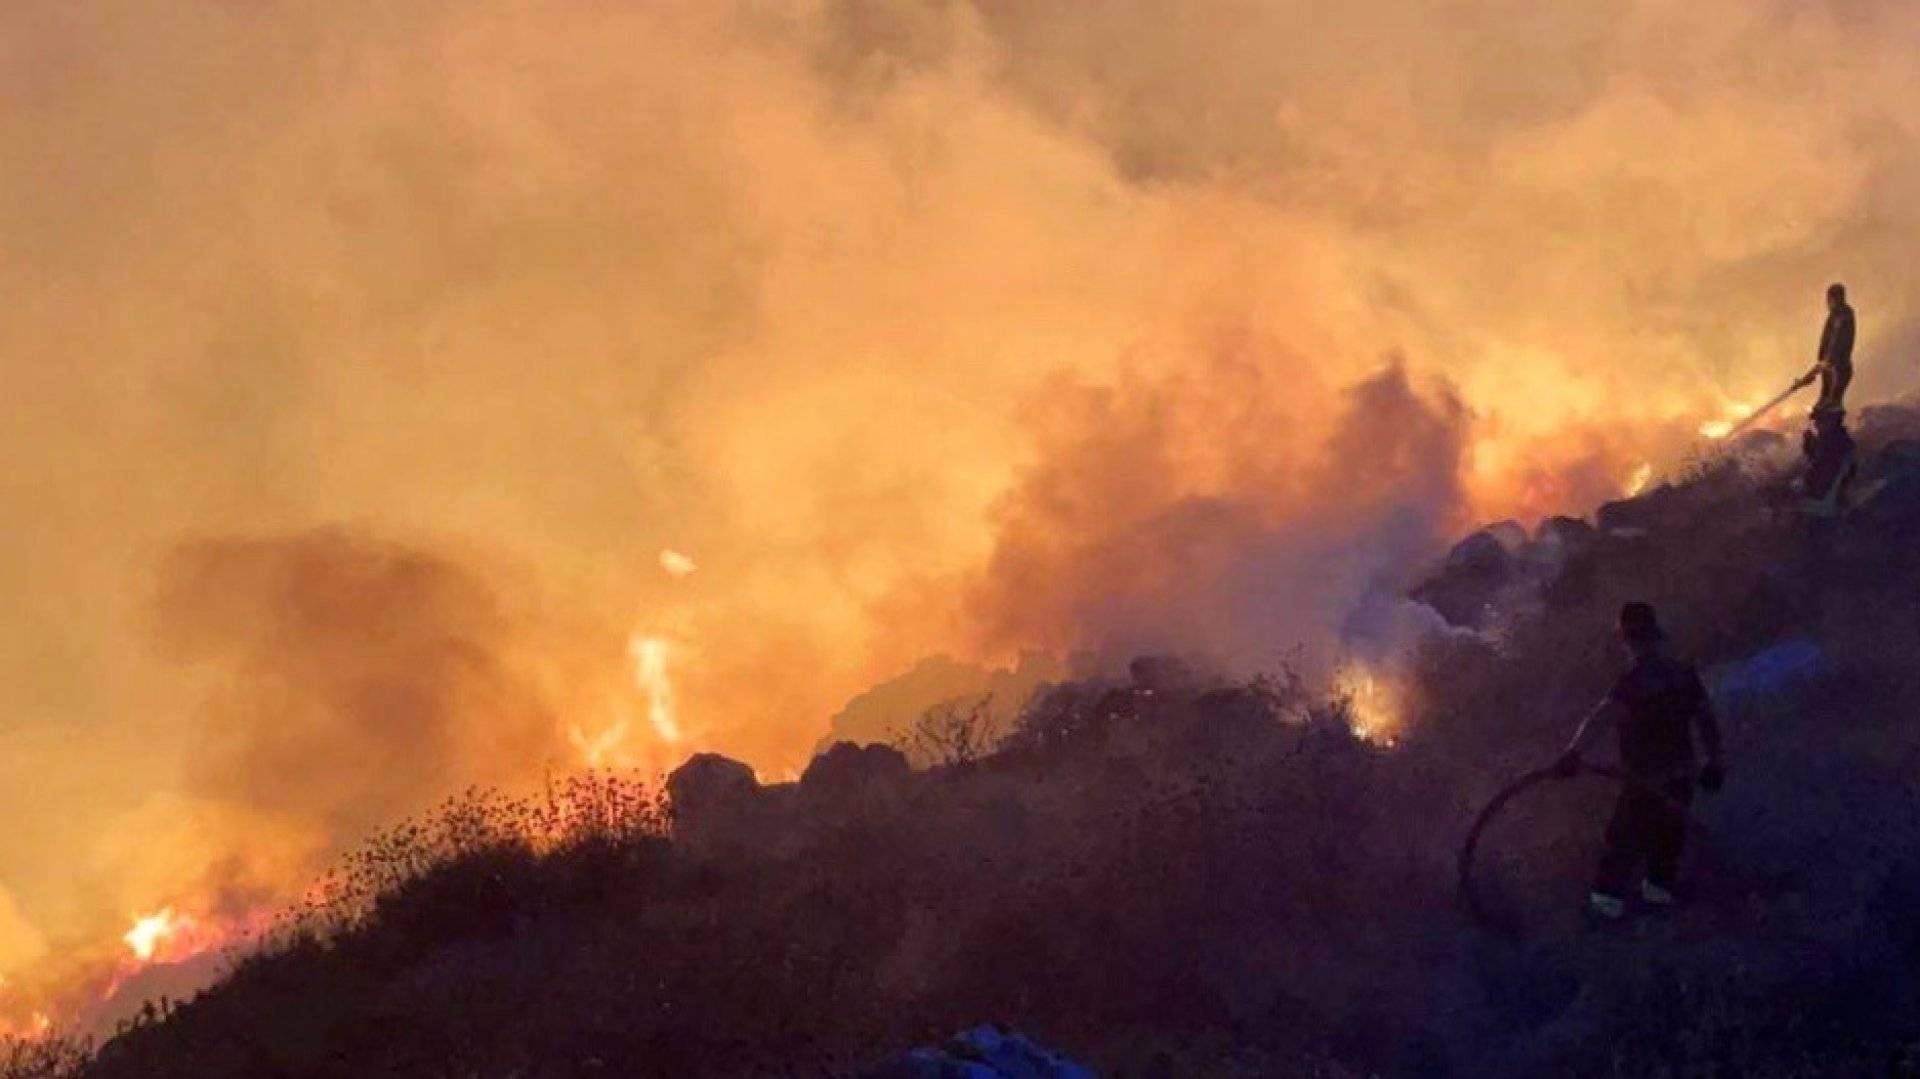 Roma, în pericol, din cauza incendiilor extrem de violente! O stațiune a fost evacuată